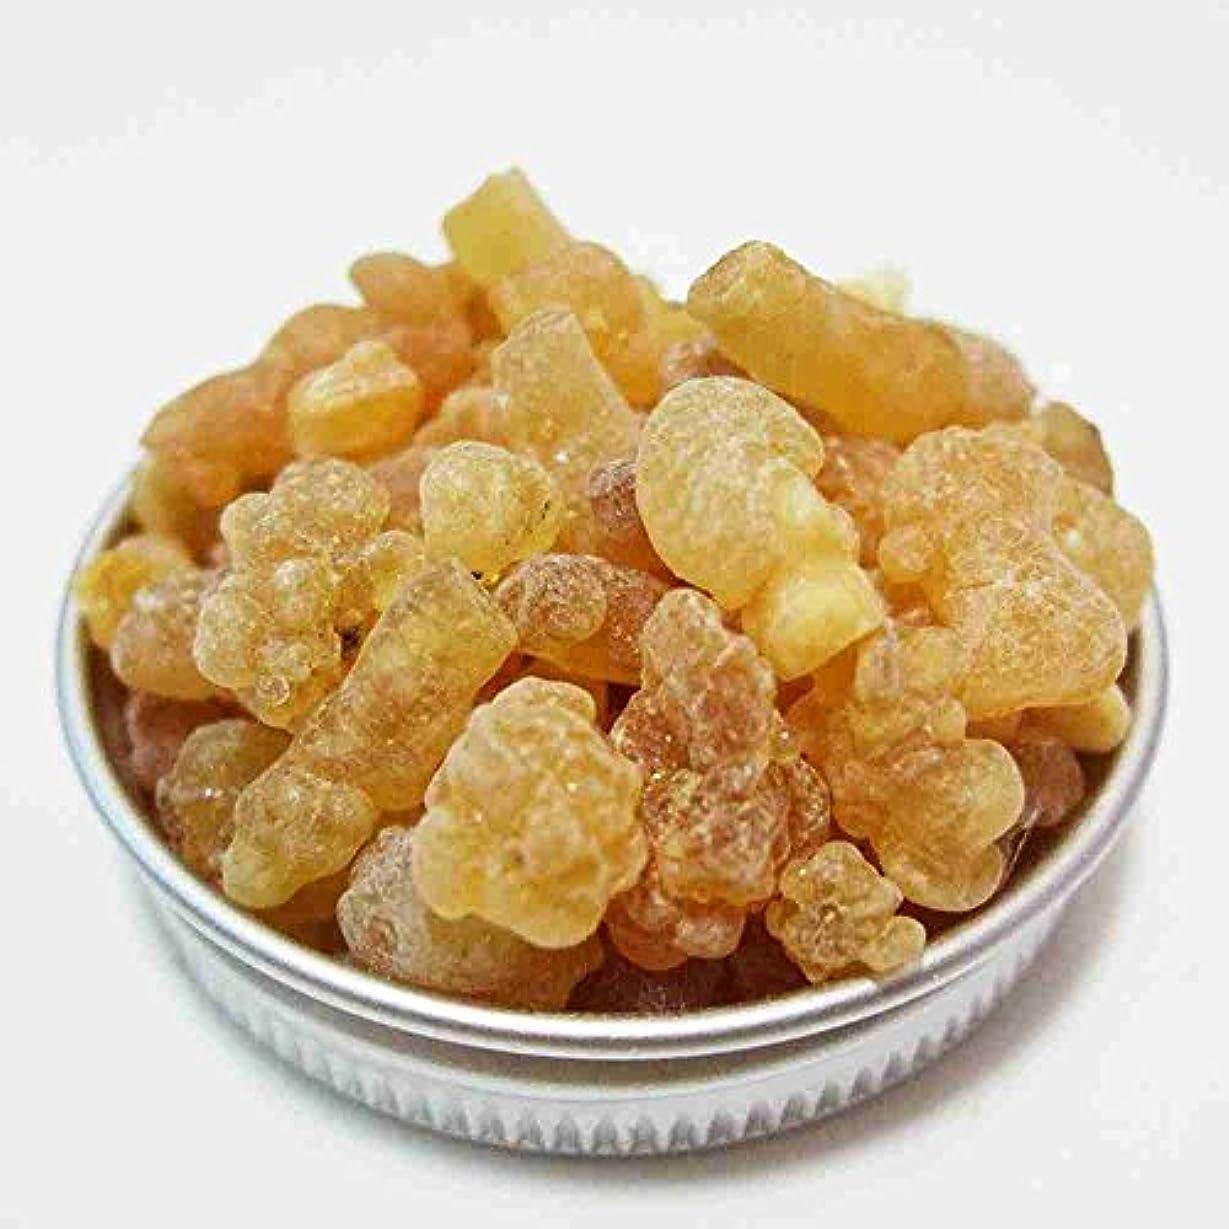 お母さん寛容最少フランキンセンス Frsnkincense (乳香) 天然樹脂香 フランキンセンス(乳香), 1 Ounce (28 g)